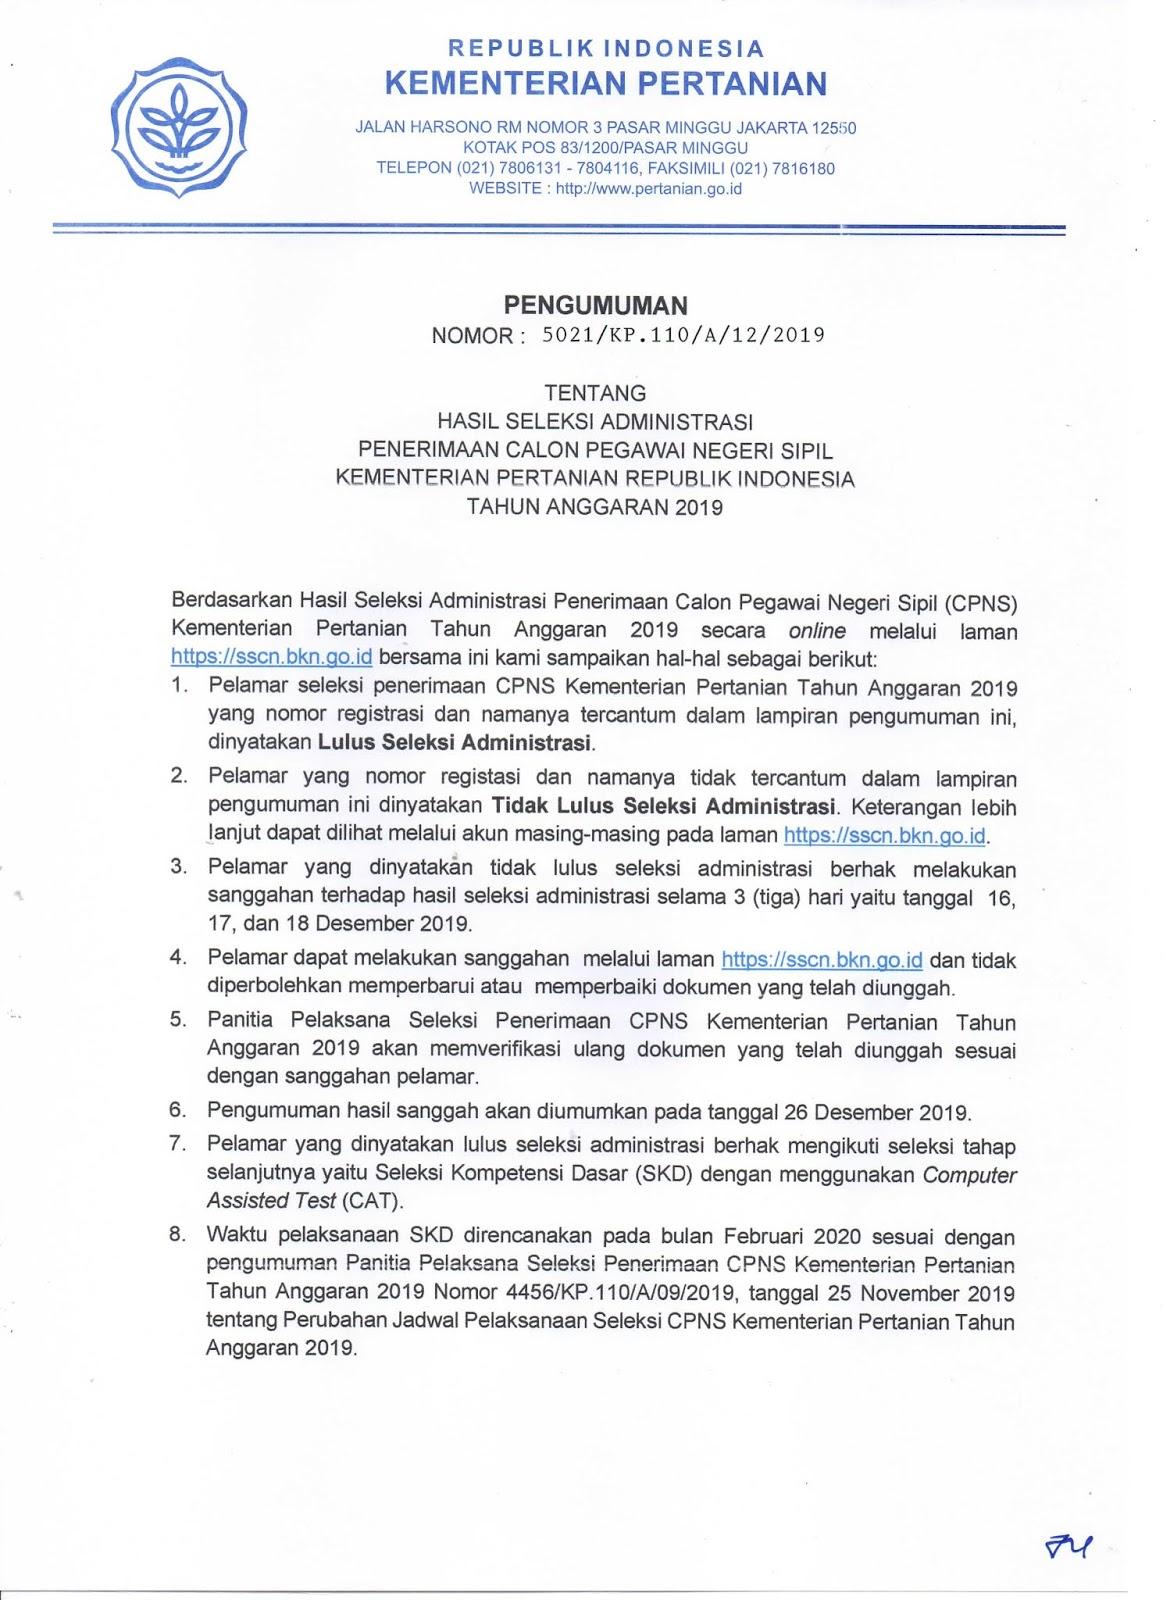 Hasil Seleksi Administrasi CPNS Kementerian Pertanian Tahun Anggaran 2019